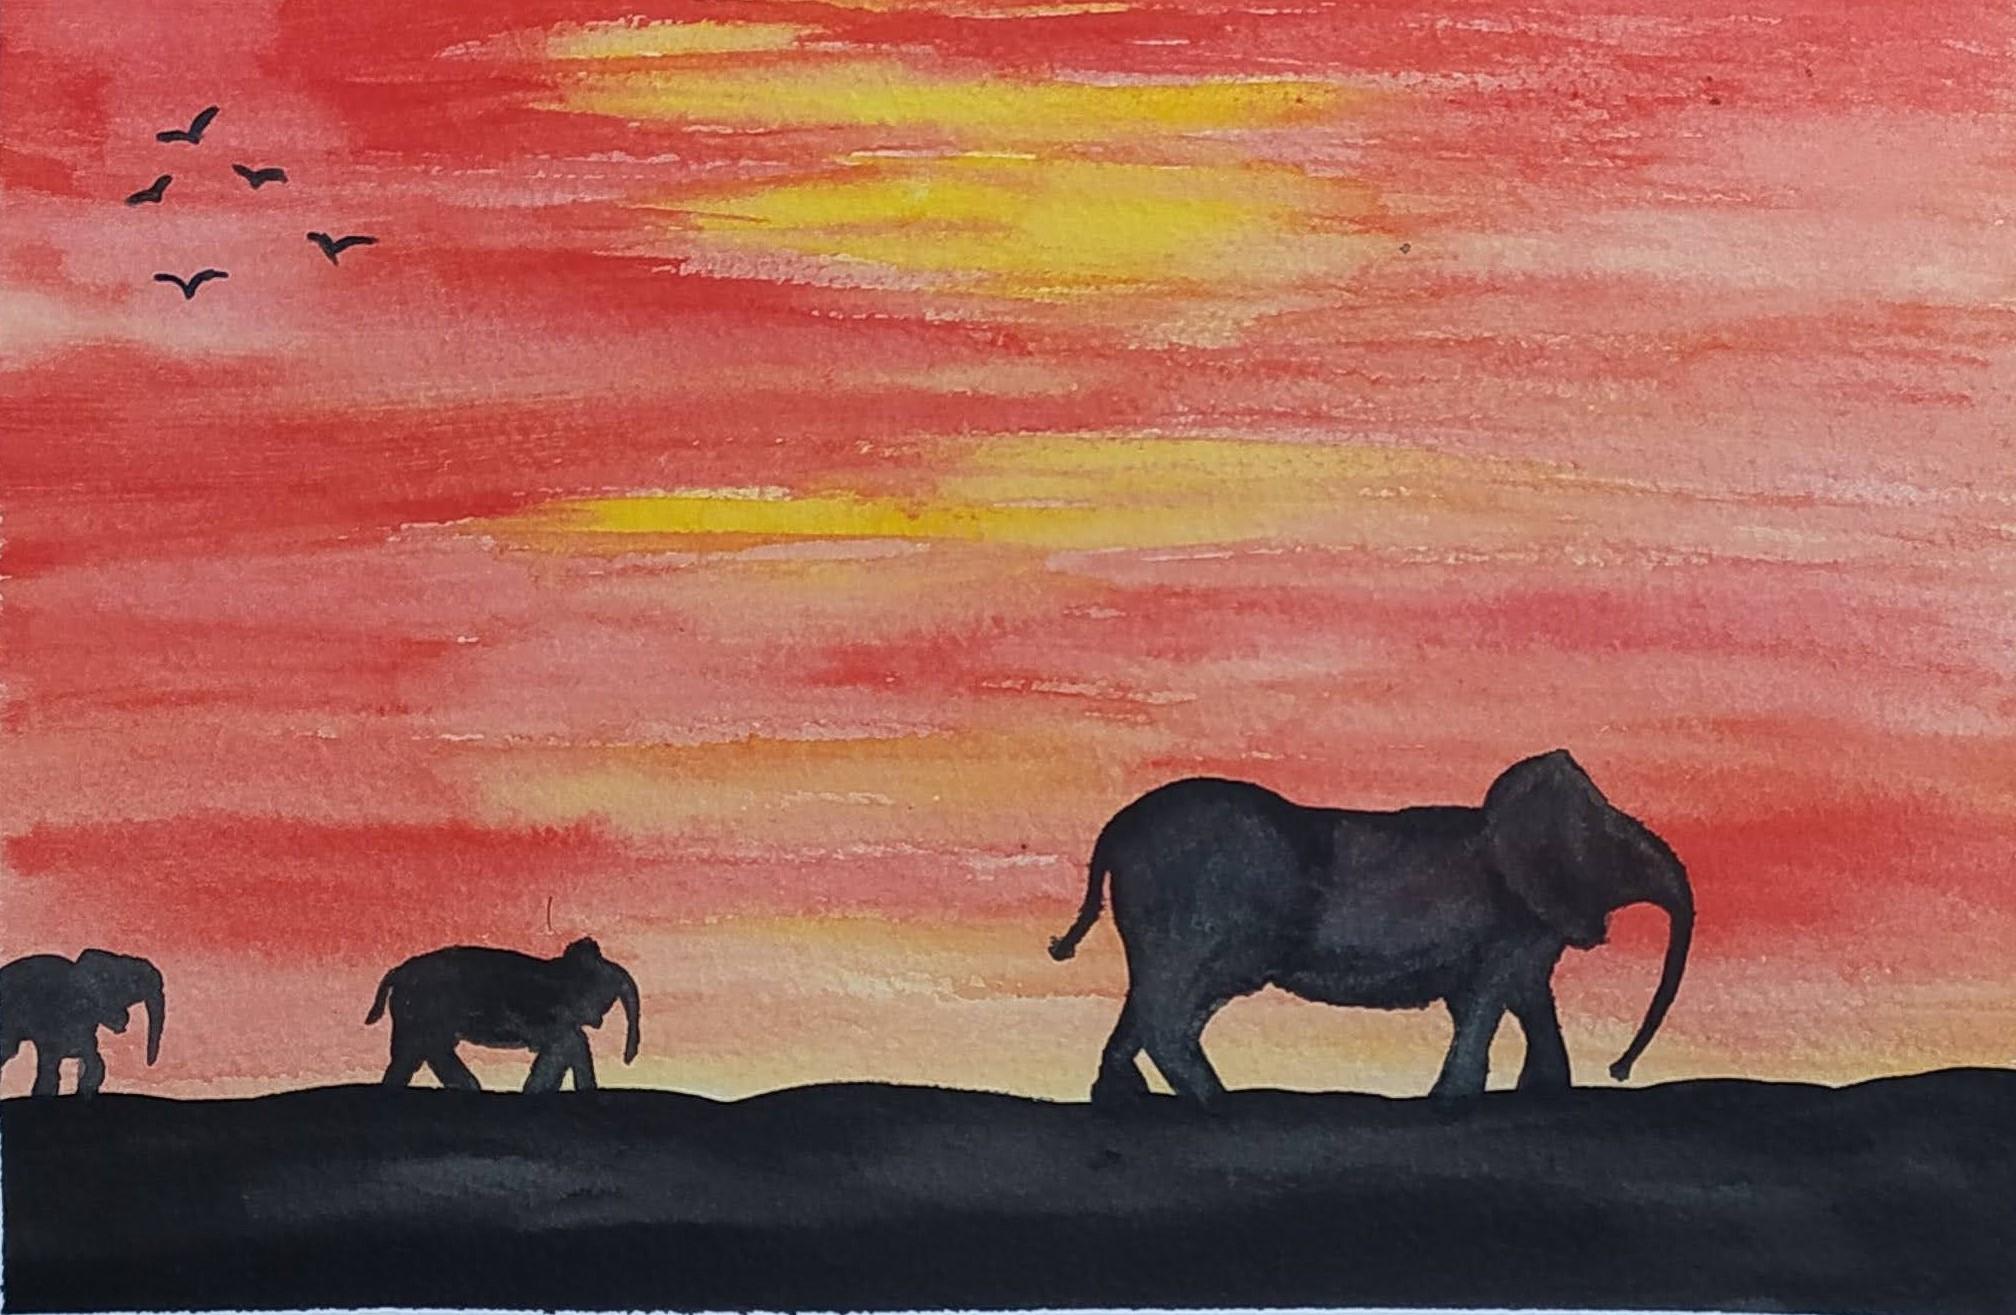 lauriel_watercolour_-_elephants_delight.jpg